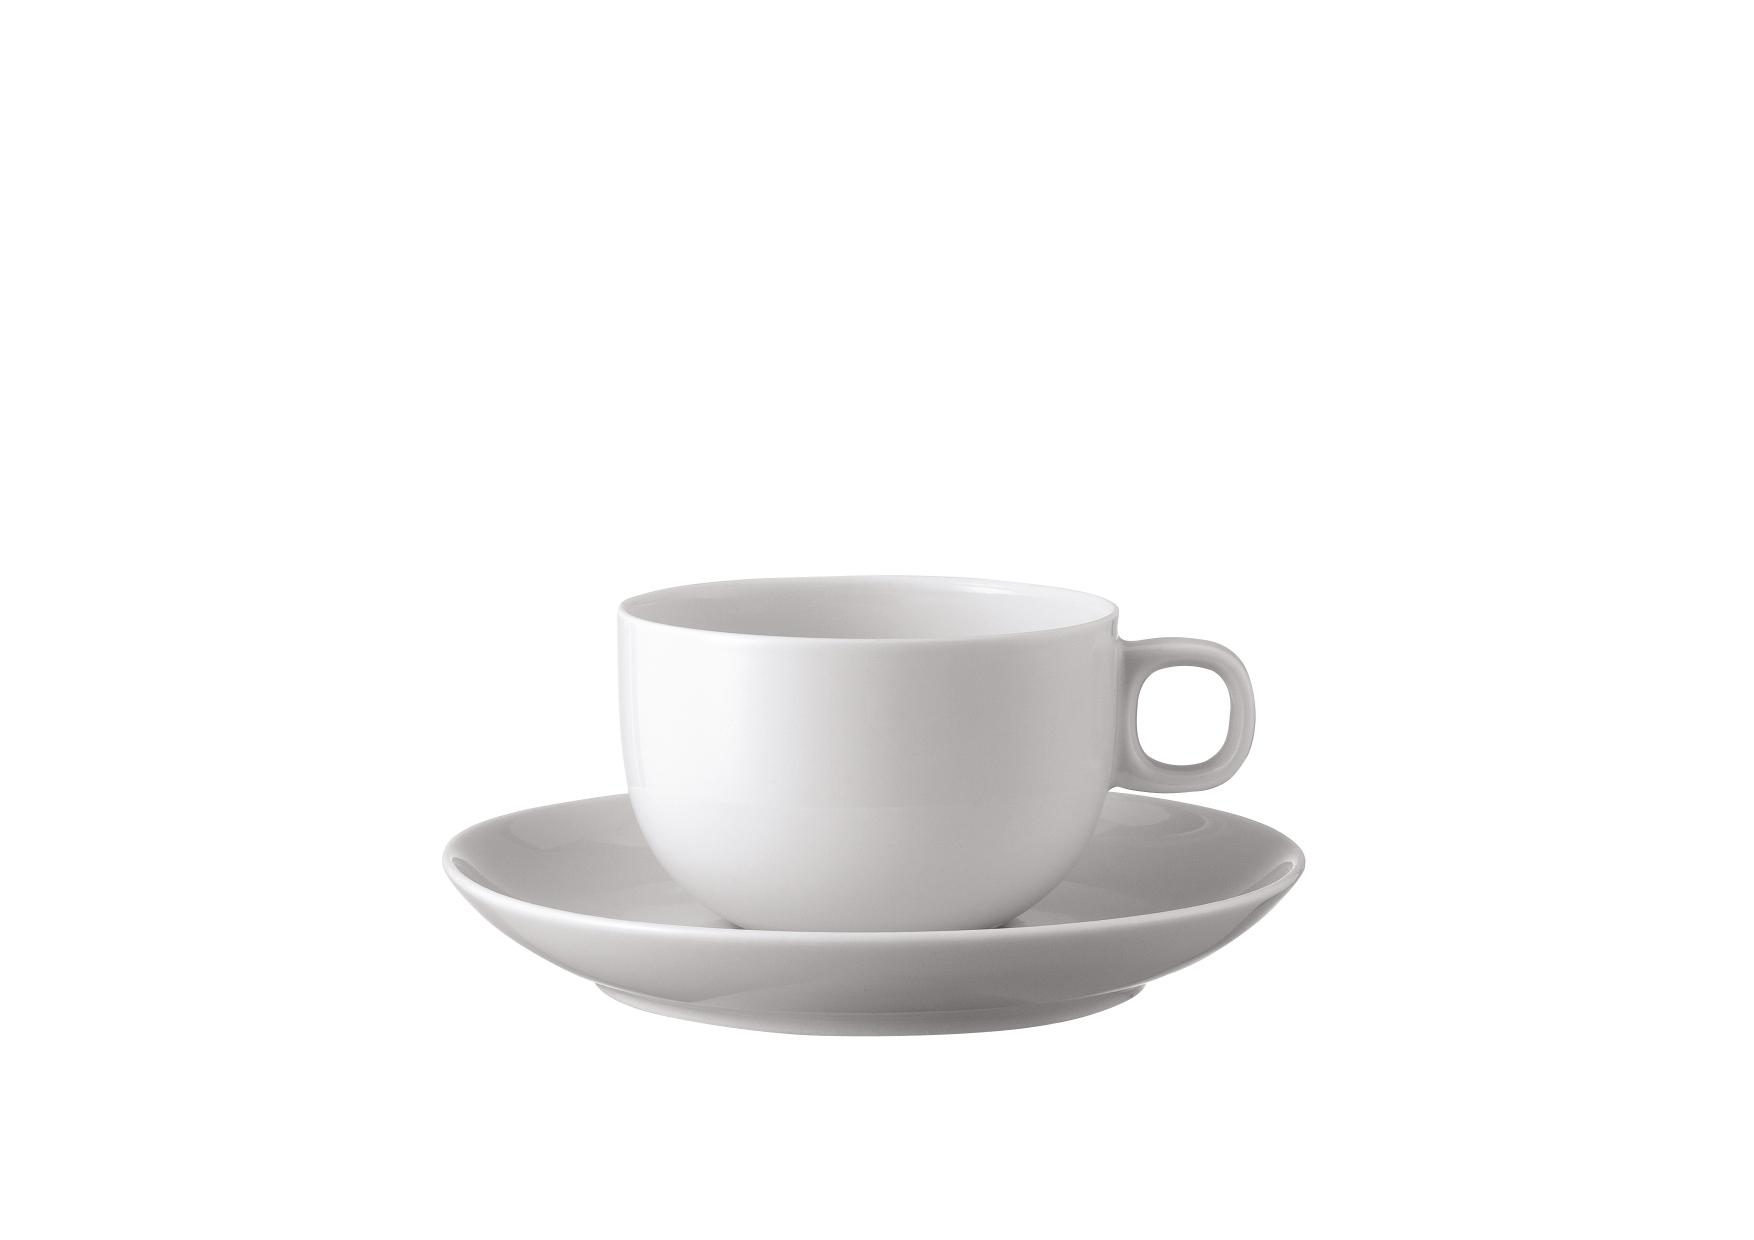 set espressotasse 2 tlg 0 10ltr 12cm moon weiss rosenthal moon wei. Black Bedroom Furniture Sets. Home Design Ideas